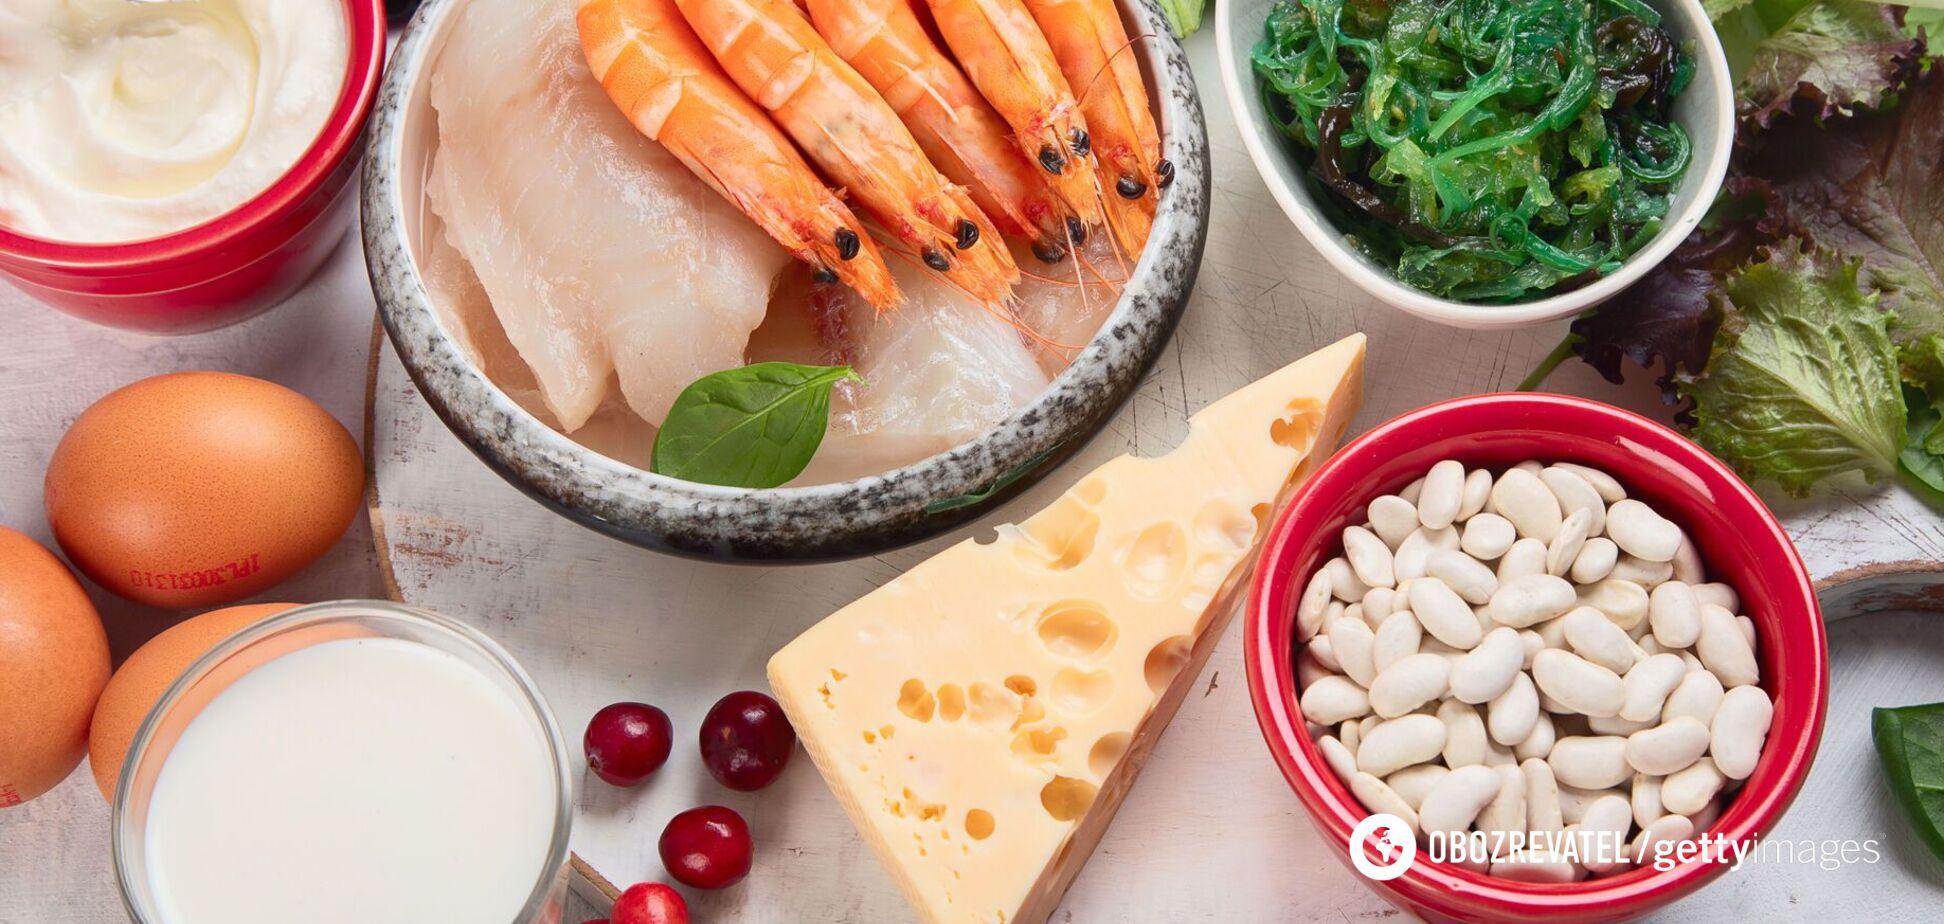 Продукты, содержащие йод, необходимы для синтеза гормонов щитовидной железы